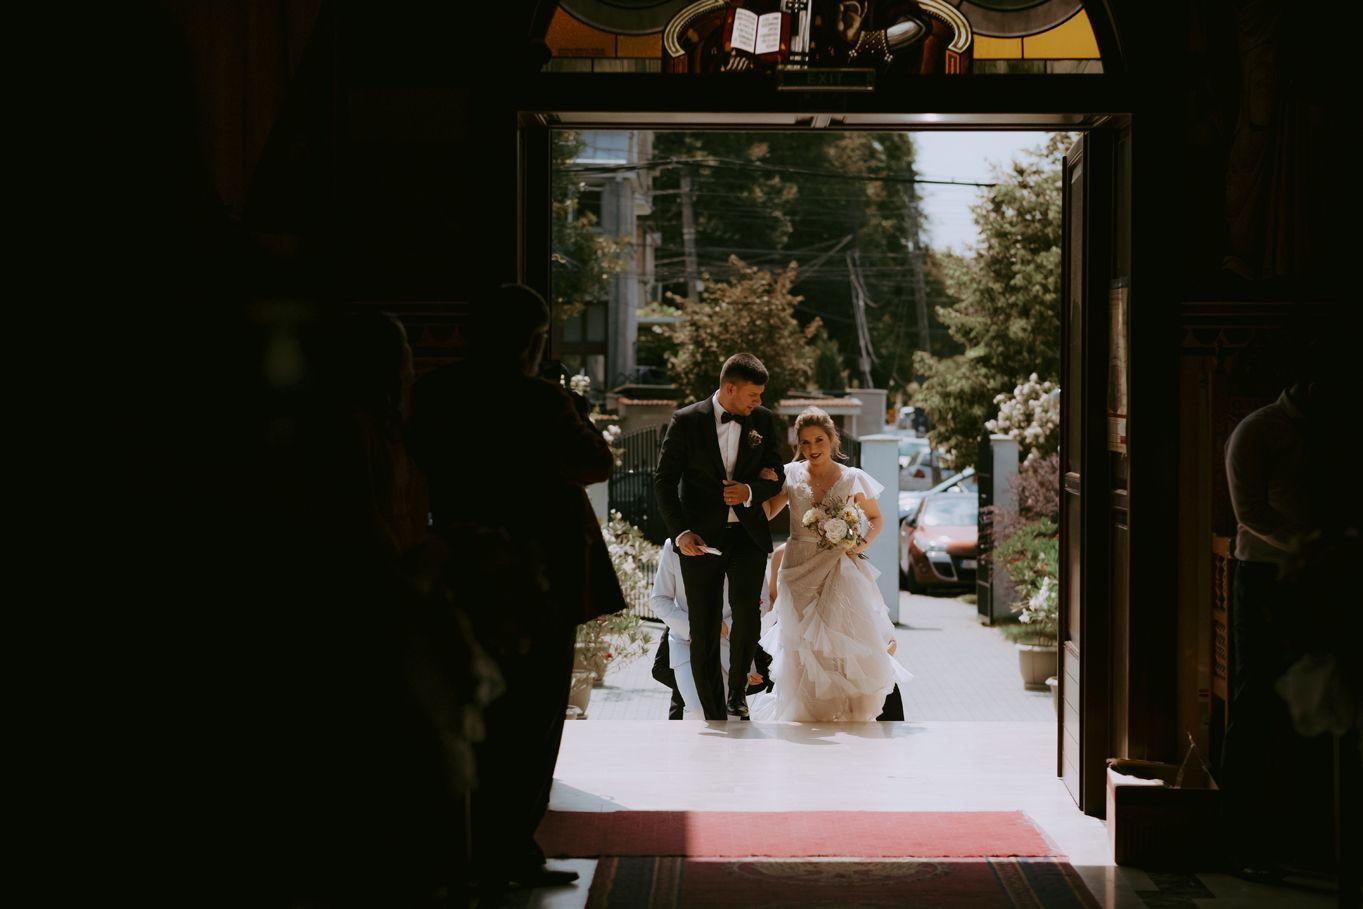 fotografie-fotograf-nunta-bucuresti-gradina-floreasca